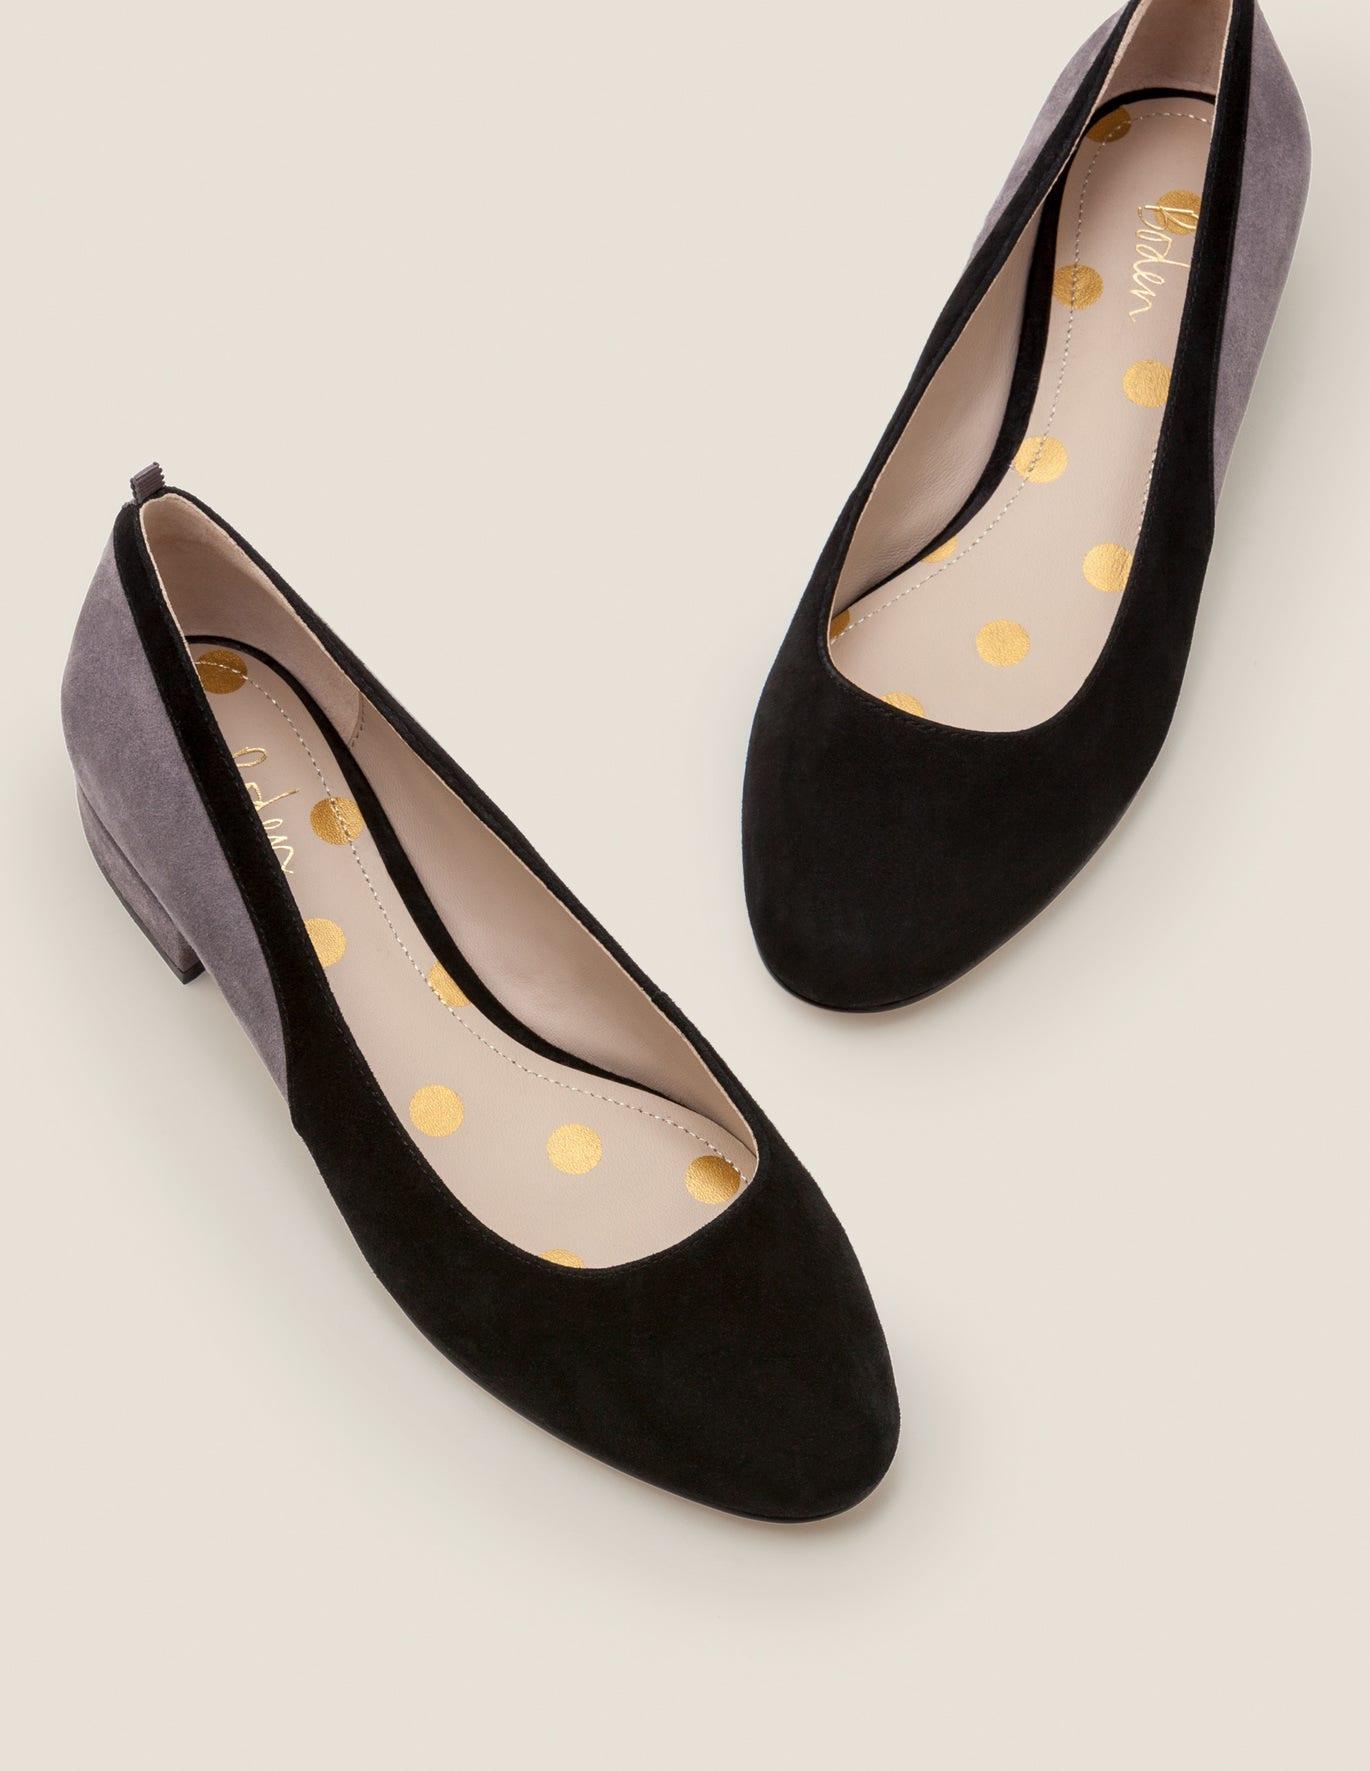 Cathy Low Heels - Black/Pewter